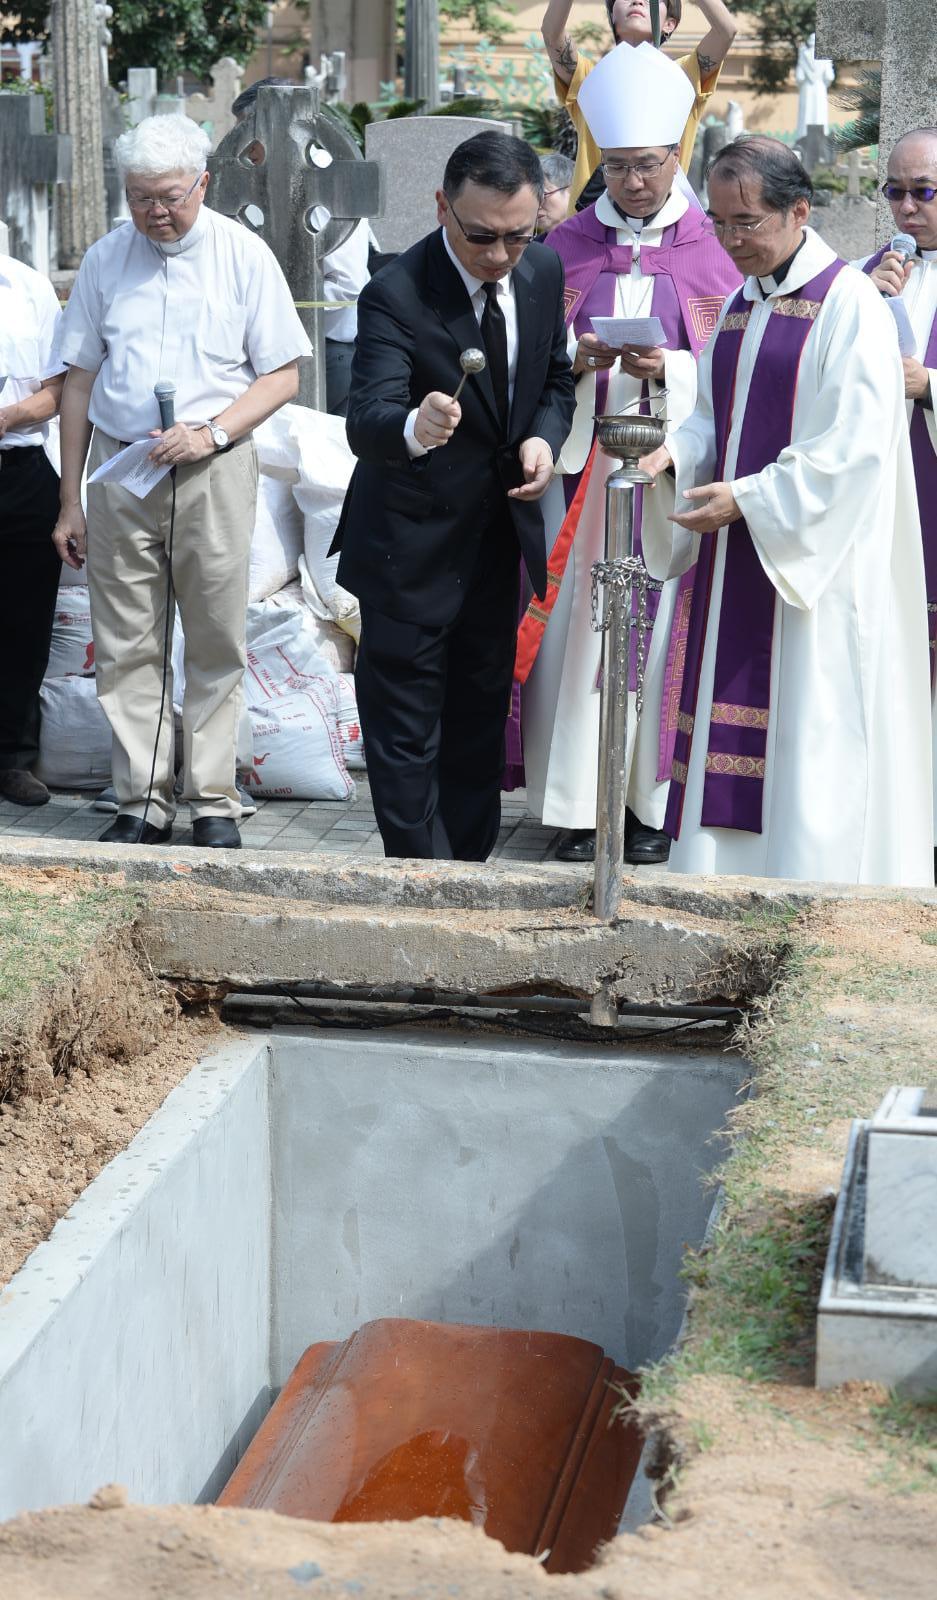 楊鳴章的靈柩移送跑馬地天主教聖彌額爾墳場安葬。